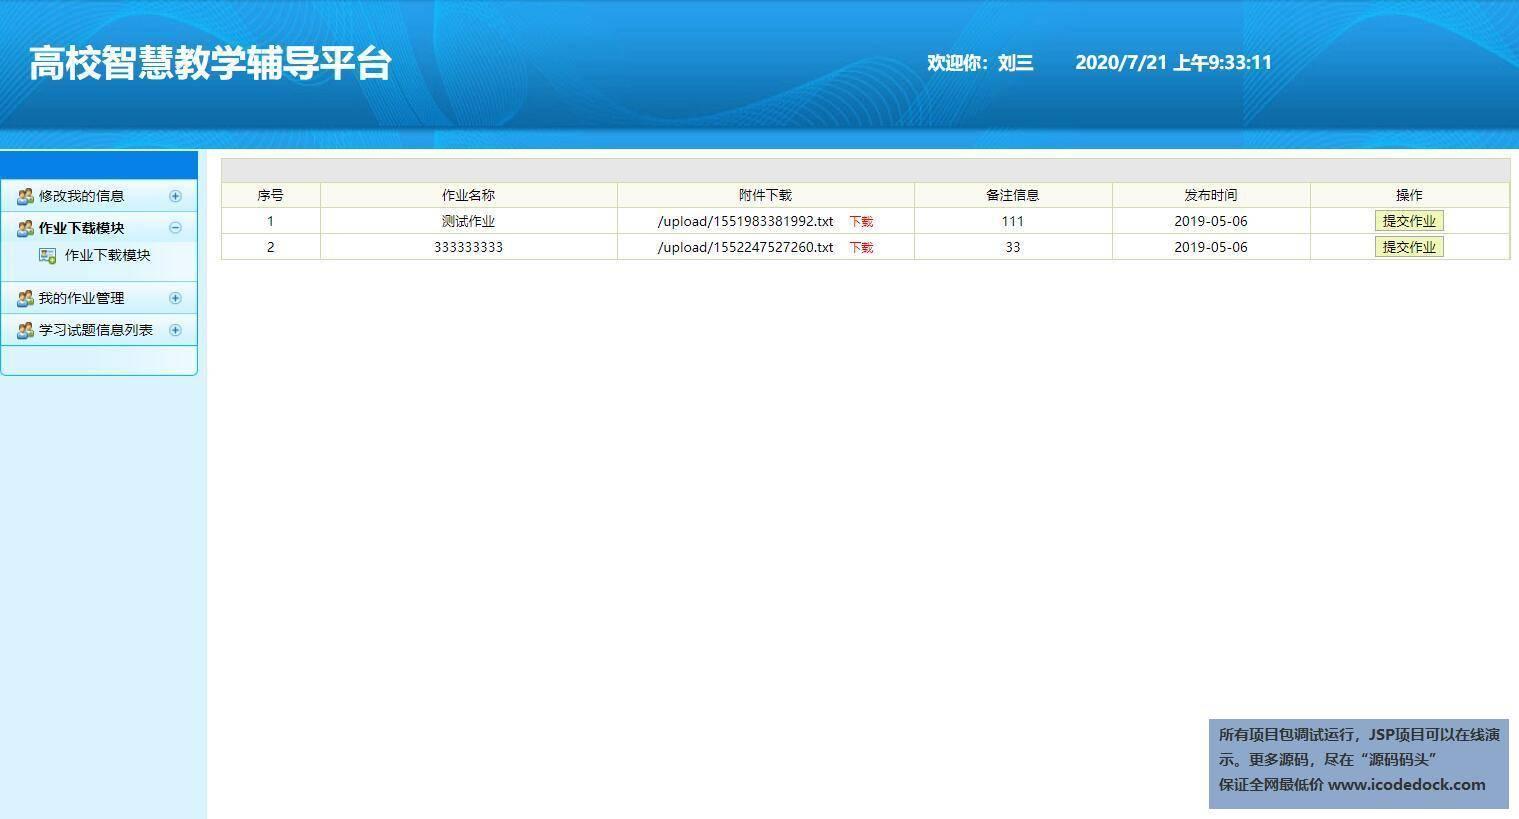 源码码头-SSH高校智慧教学辅导平台系统-用户角色-作业下载